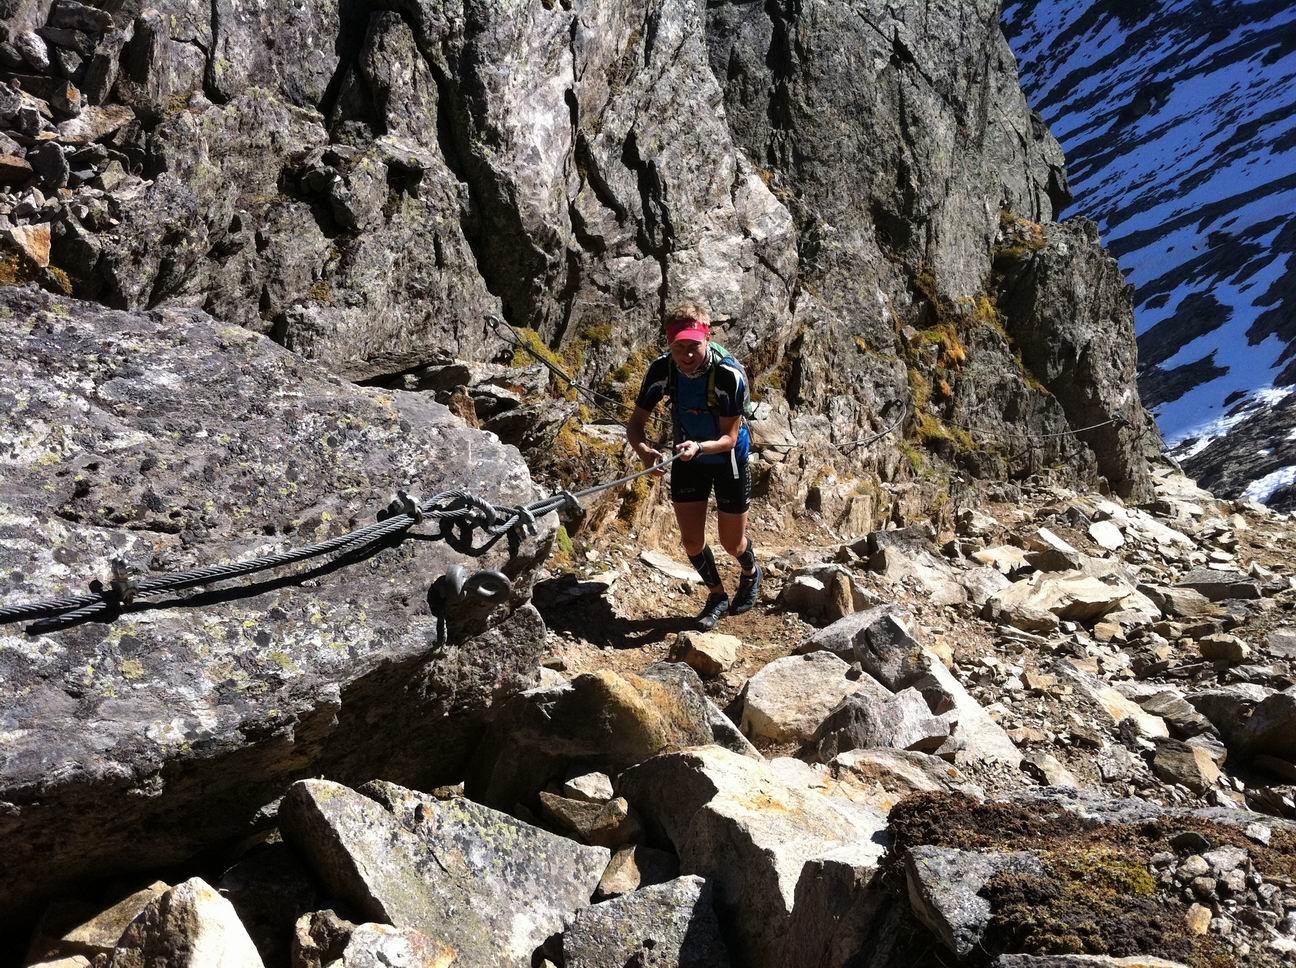 Christian Krump ist ein leidenschaftlicher Sportler aus dem Lungau. Er liebt im Winter das Skitourengehen und